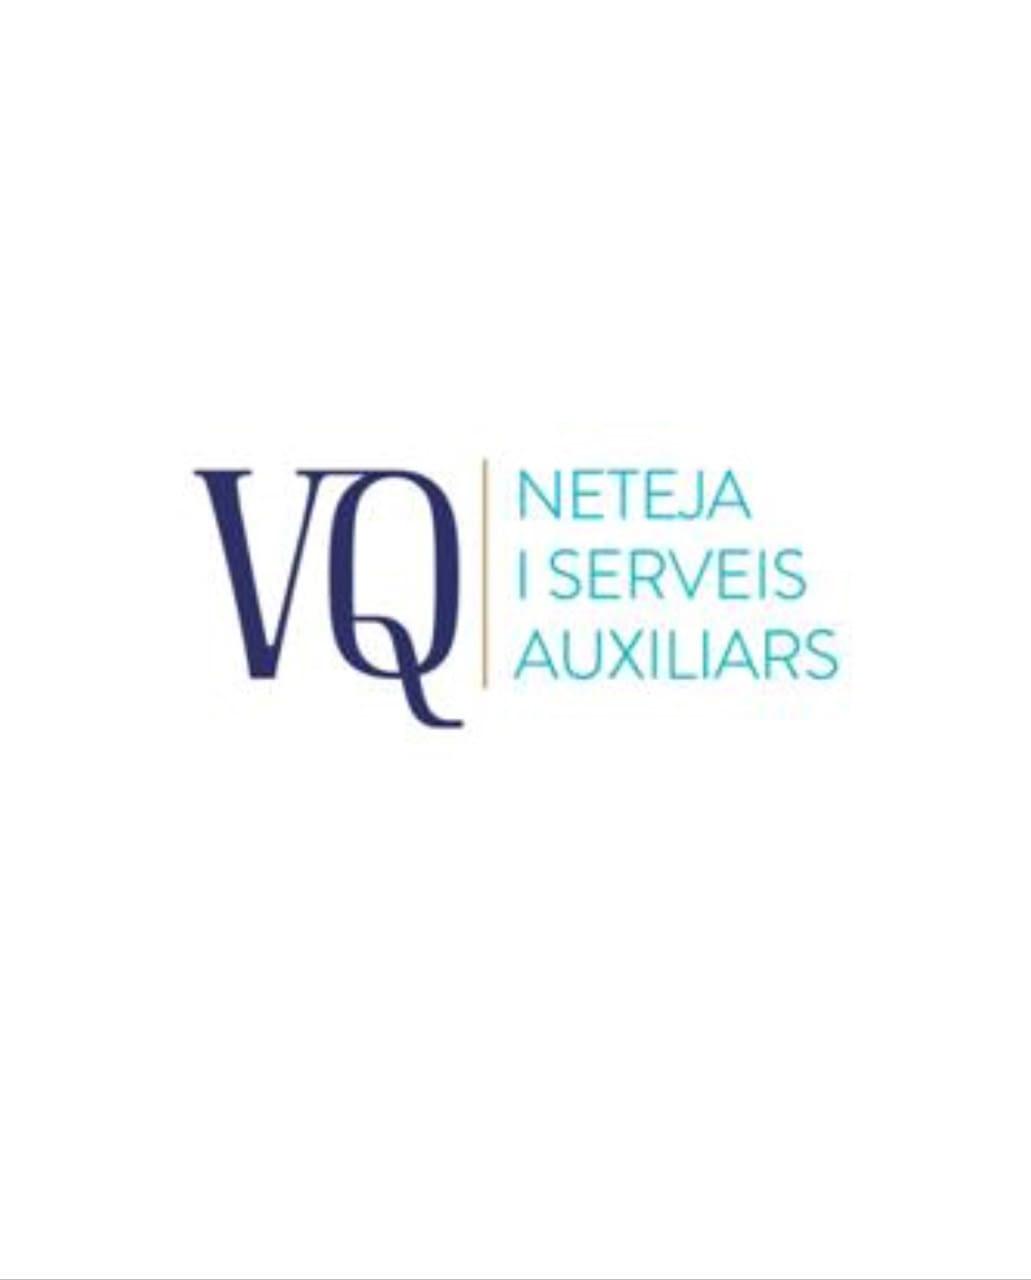 Gràcies VQ NETEJA I SERVEIS AUXILIARS!!!